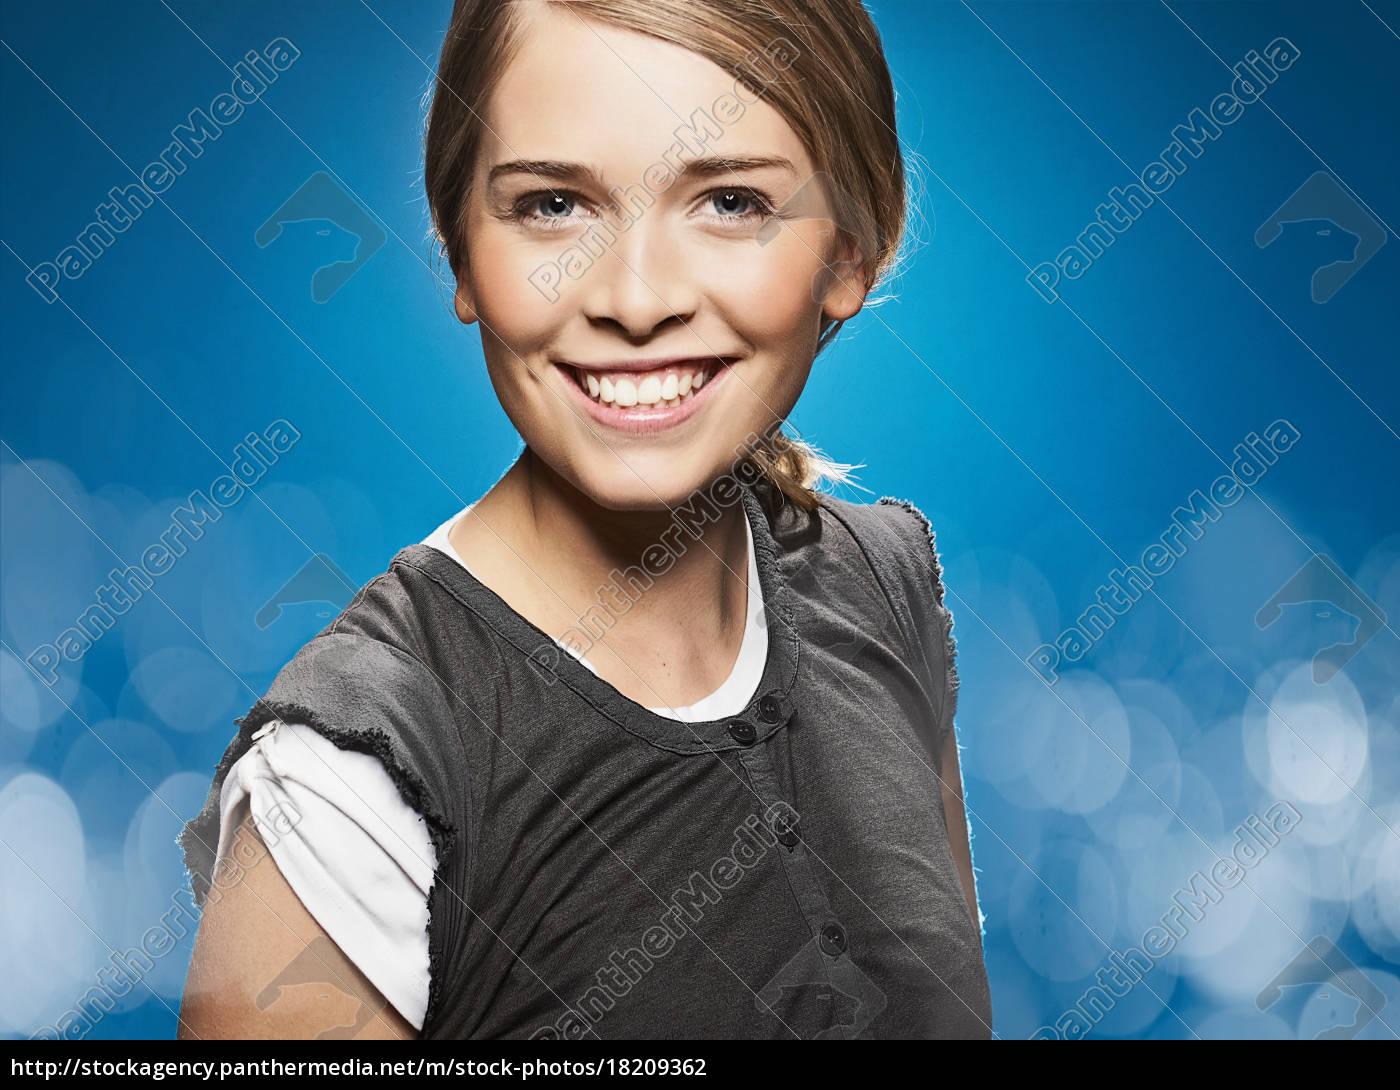 nahaufnahme, des, lächelnden, mädchens, gesicht - 18209362